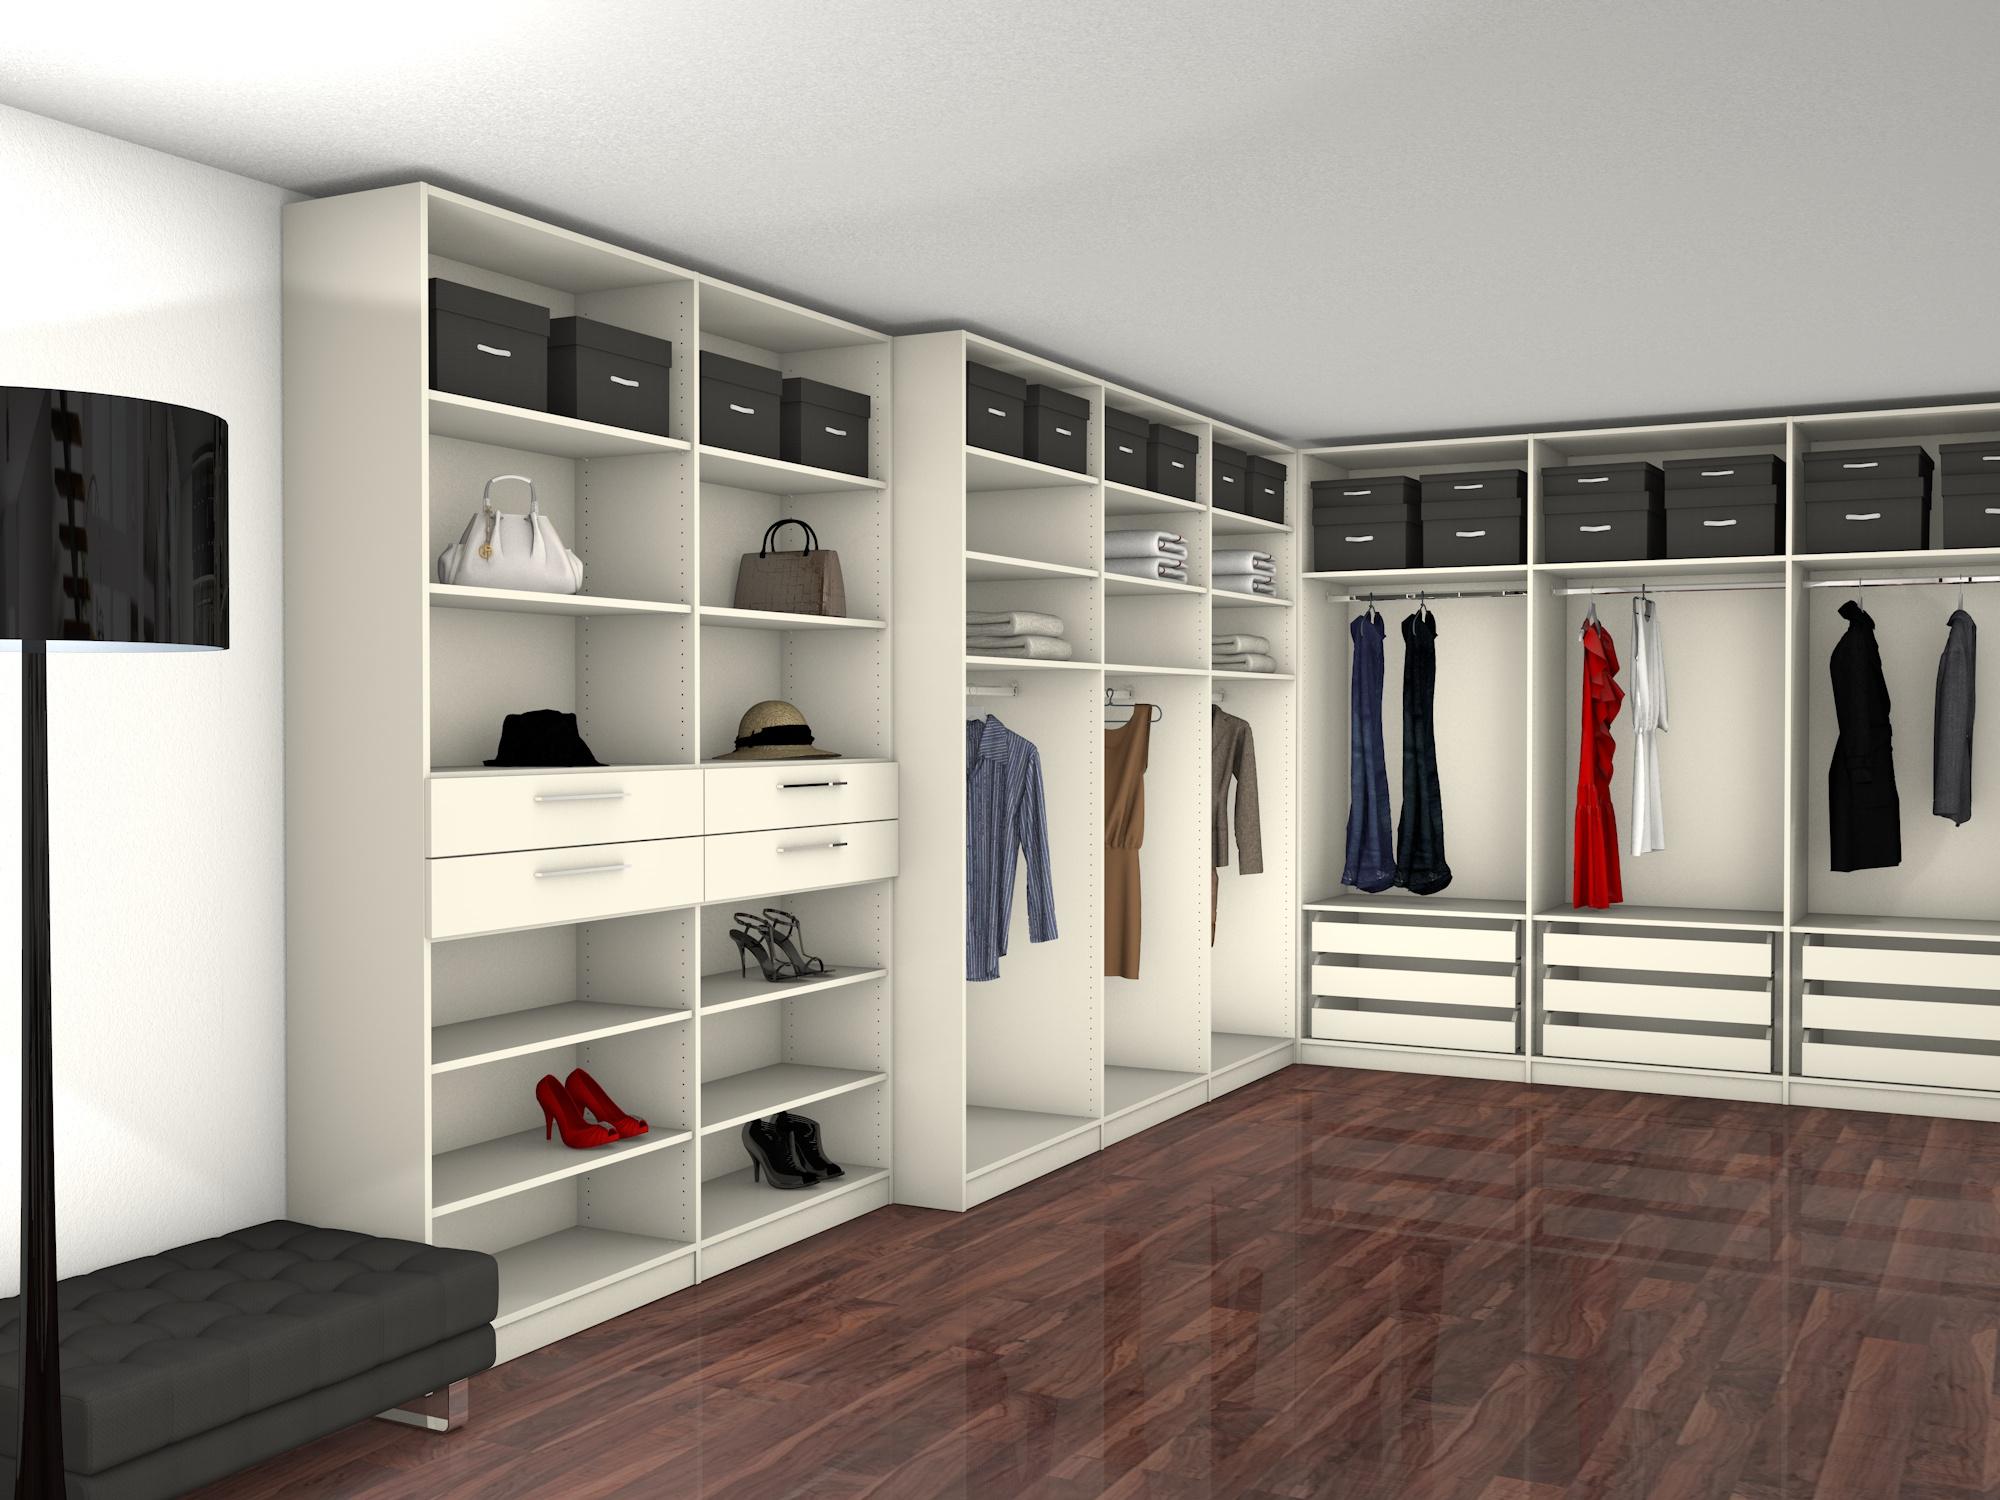 startup m bel einfach online konfigurieren meine m belmanufaktur gewinnt. Black Bedroom Furniture Sets. Home Design Ideas